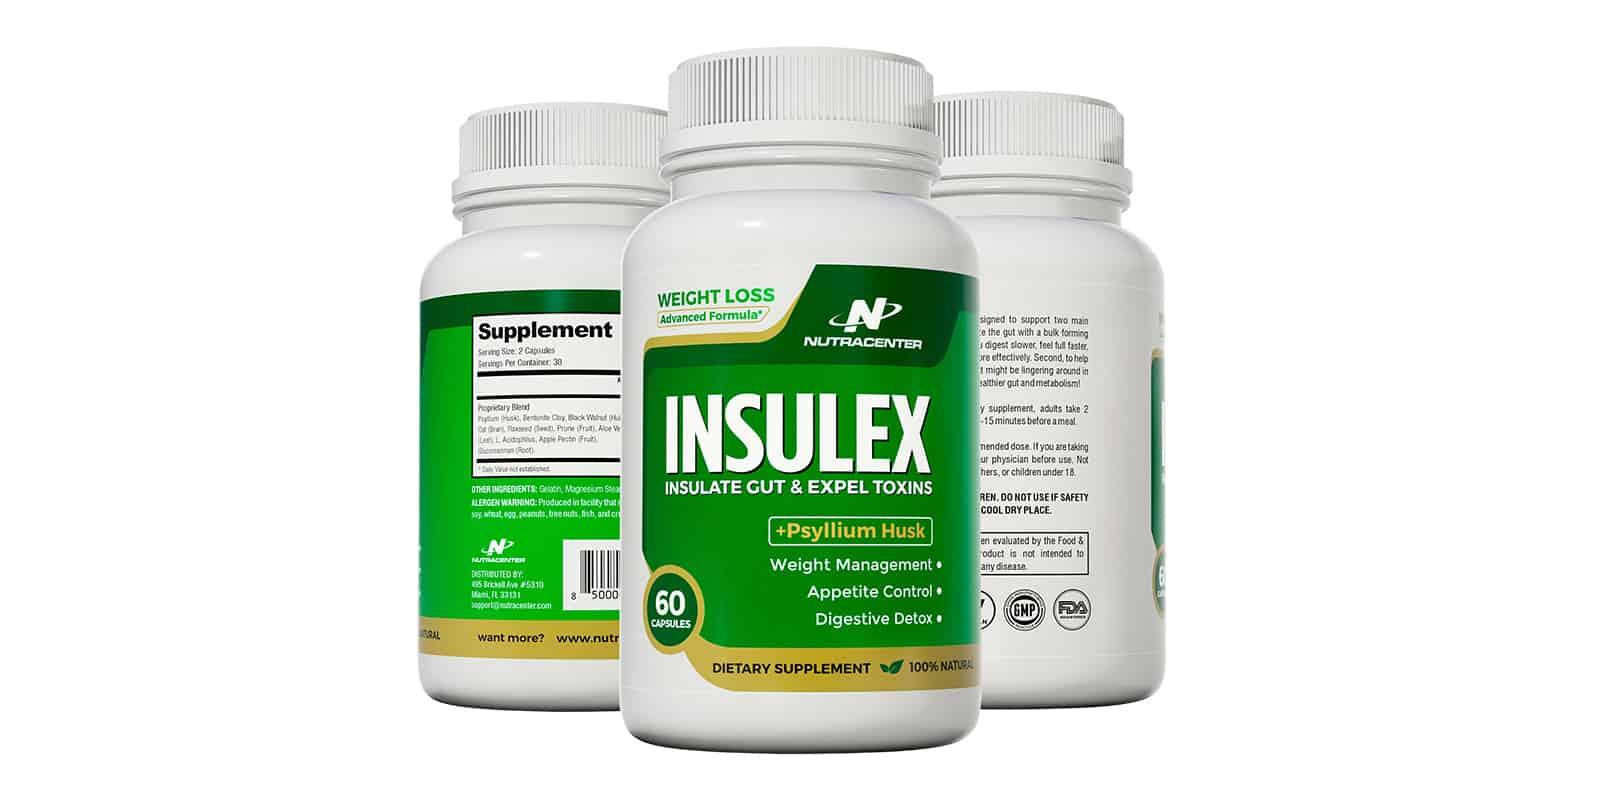 Insulex dosage